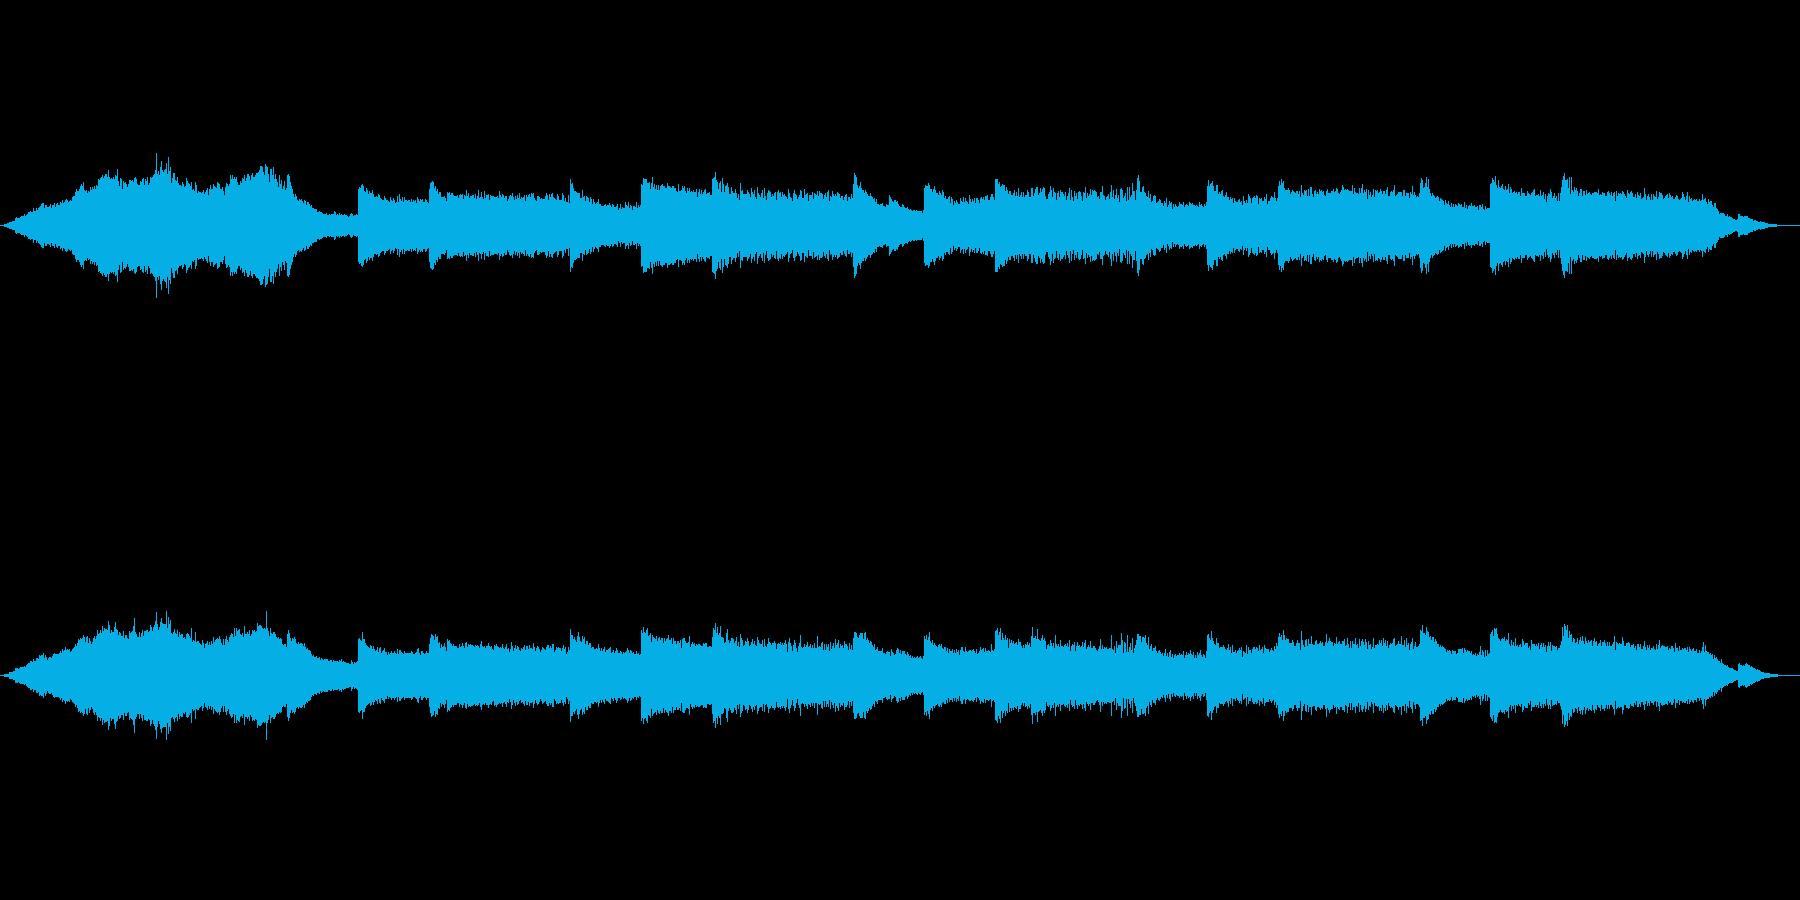 宇宙と交信するようなシンセの音響音楽の再生済みの波形